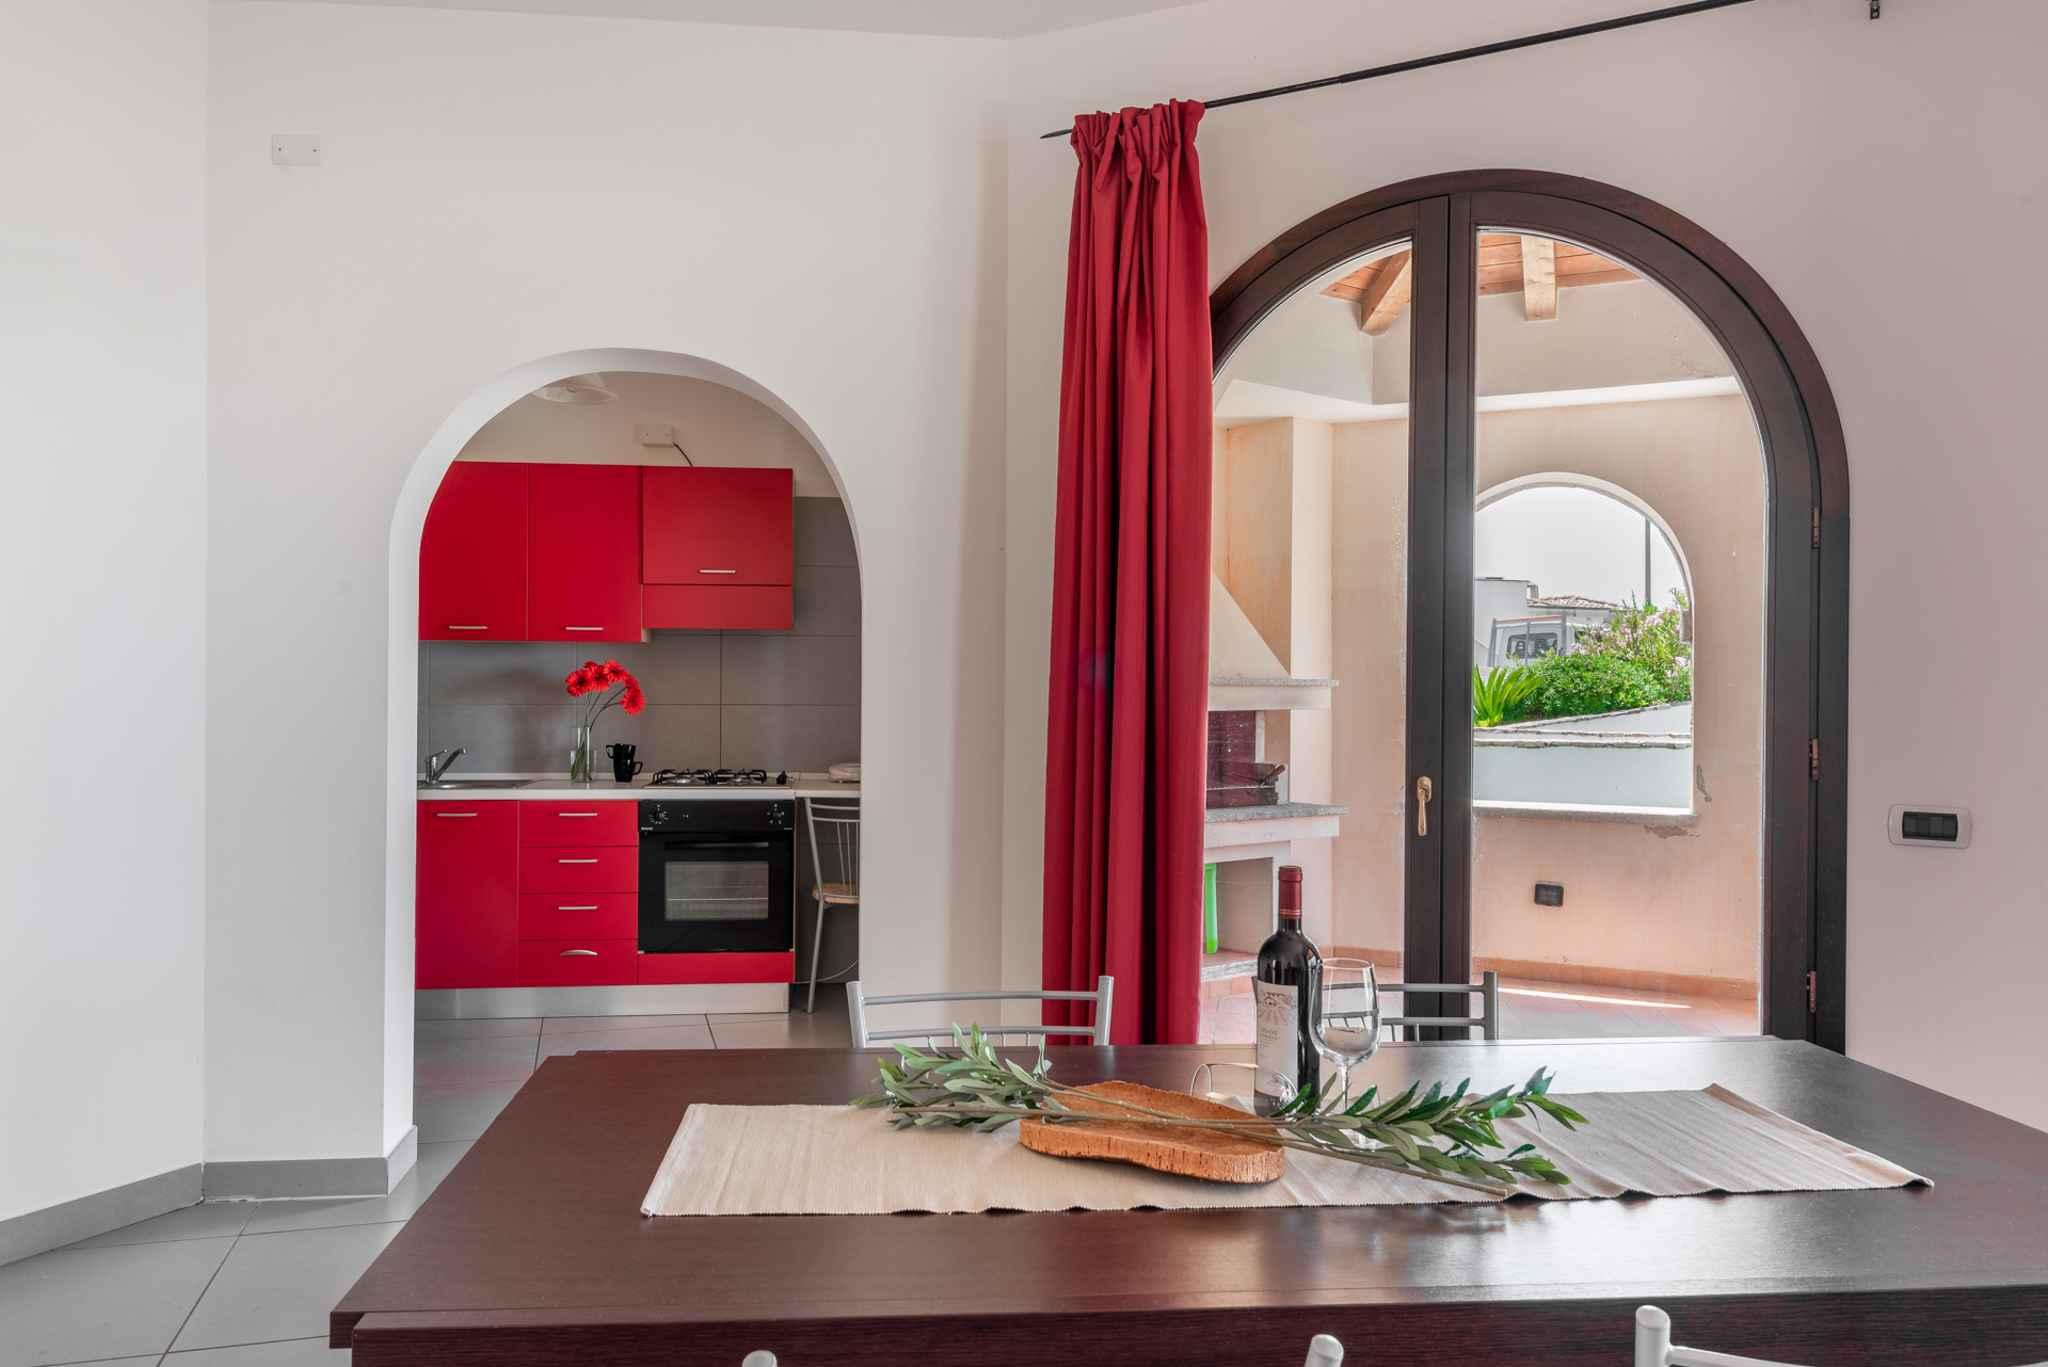 Ferienhaus mit KLimaanlage (2182423), Alghero, Sassari, Sardinien, Italien, Bild 2